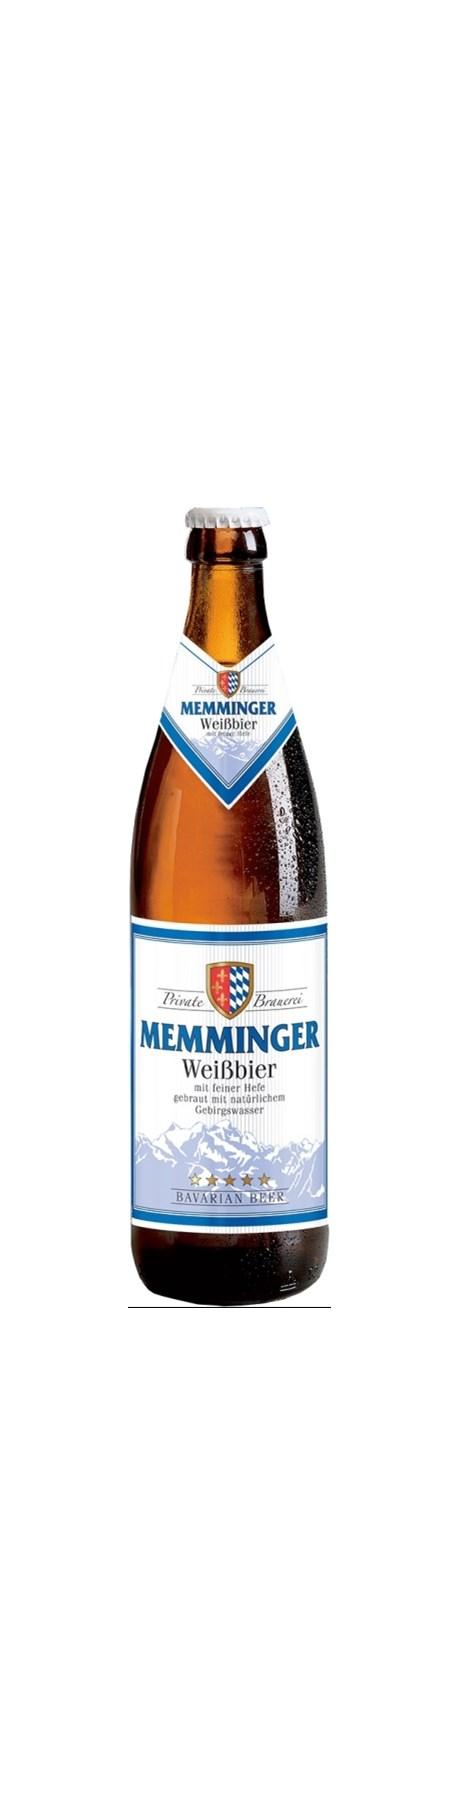 Memminger Weissbier